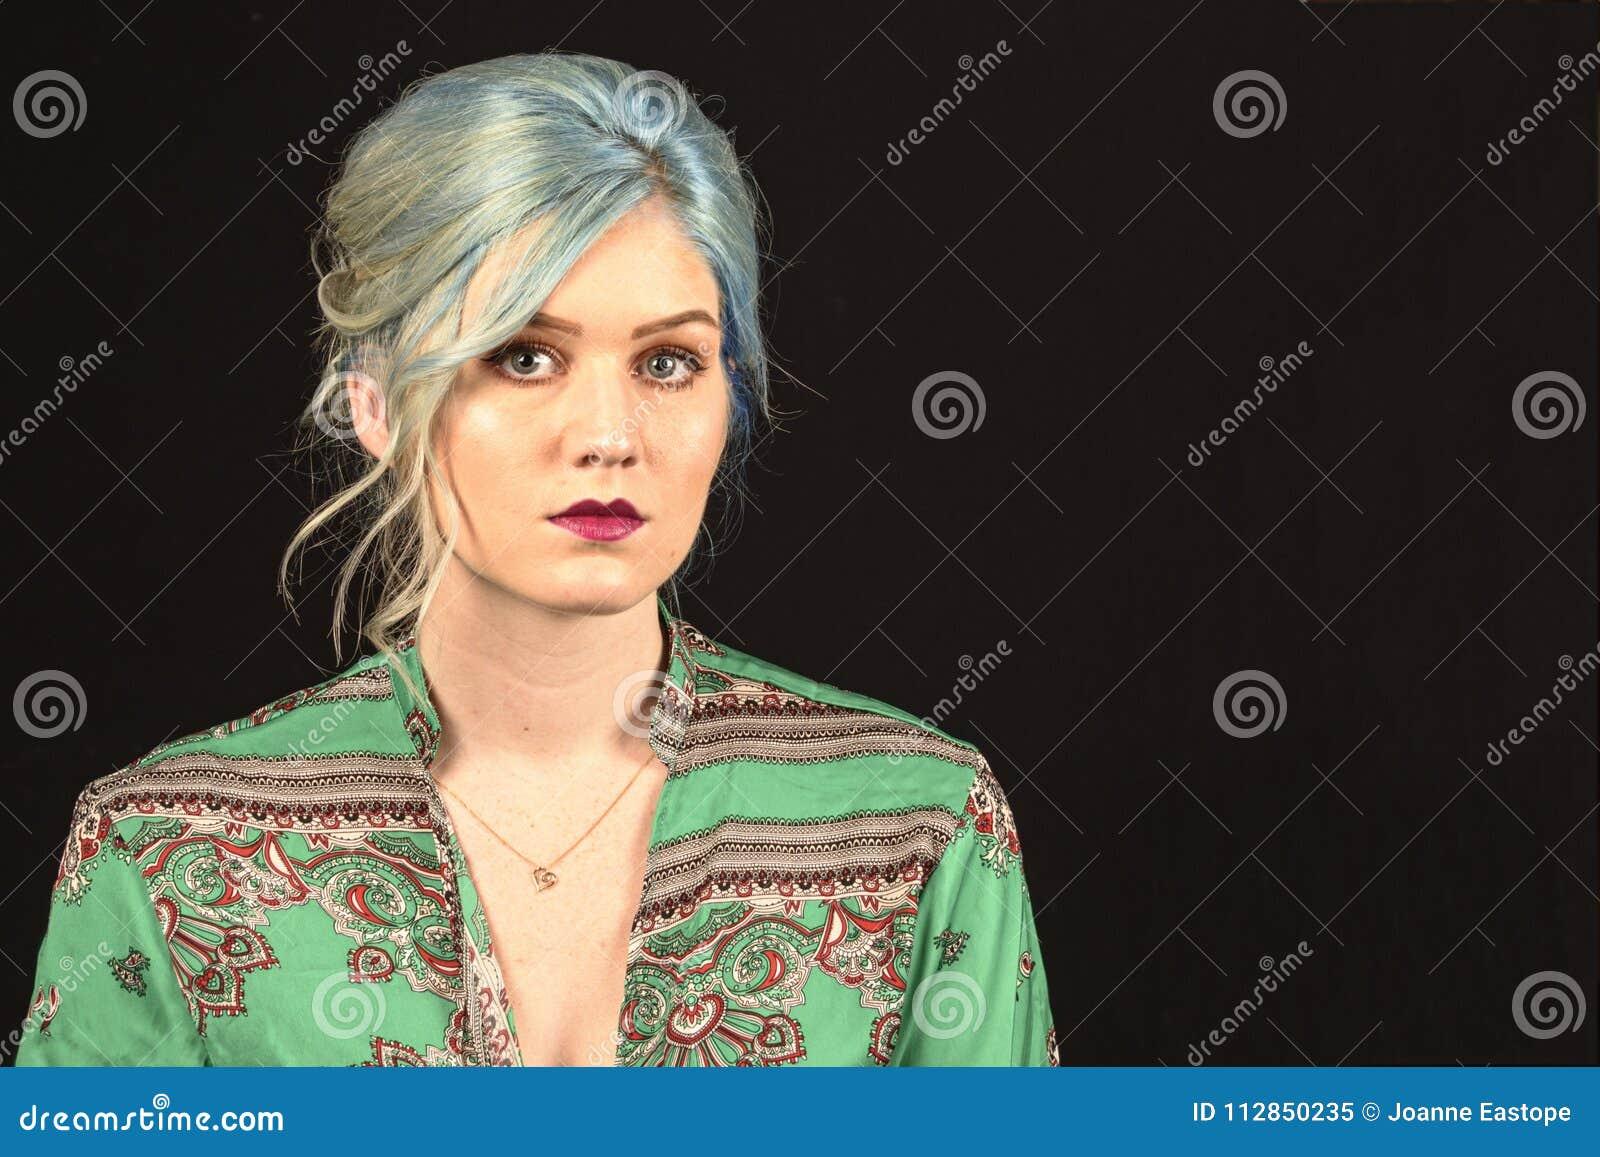 El modelo femenino caucásico, edad 22, azul teñió el pelo, la camisa roja de los labios, verde y roja Aislado en fondo negro Tors